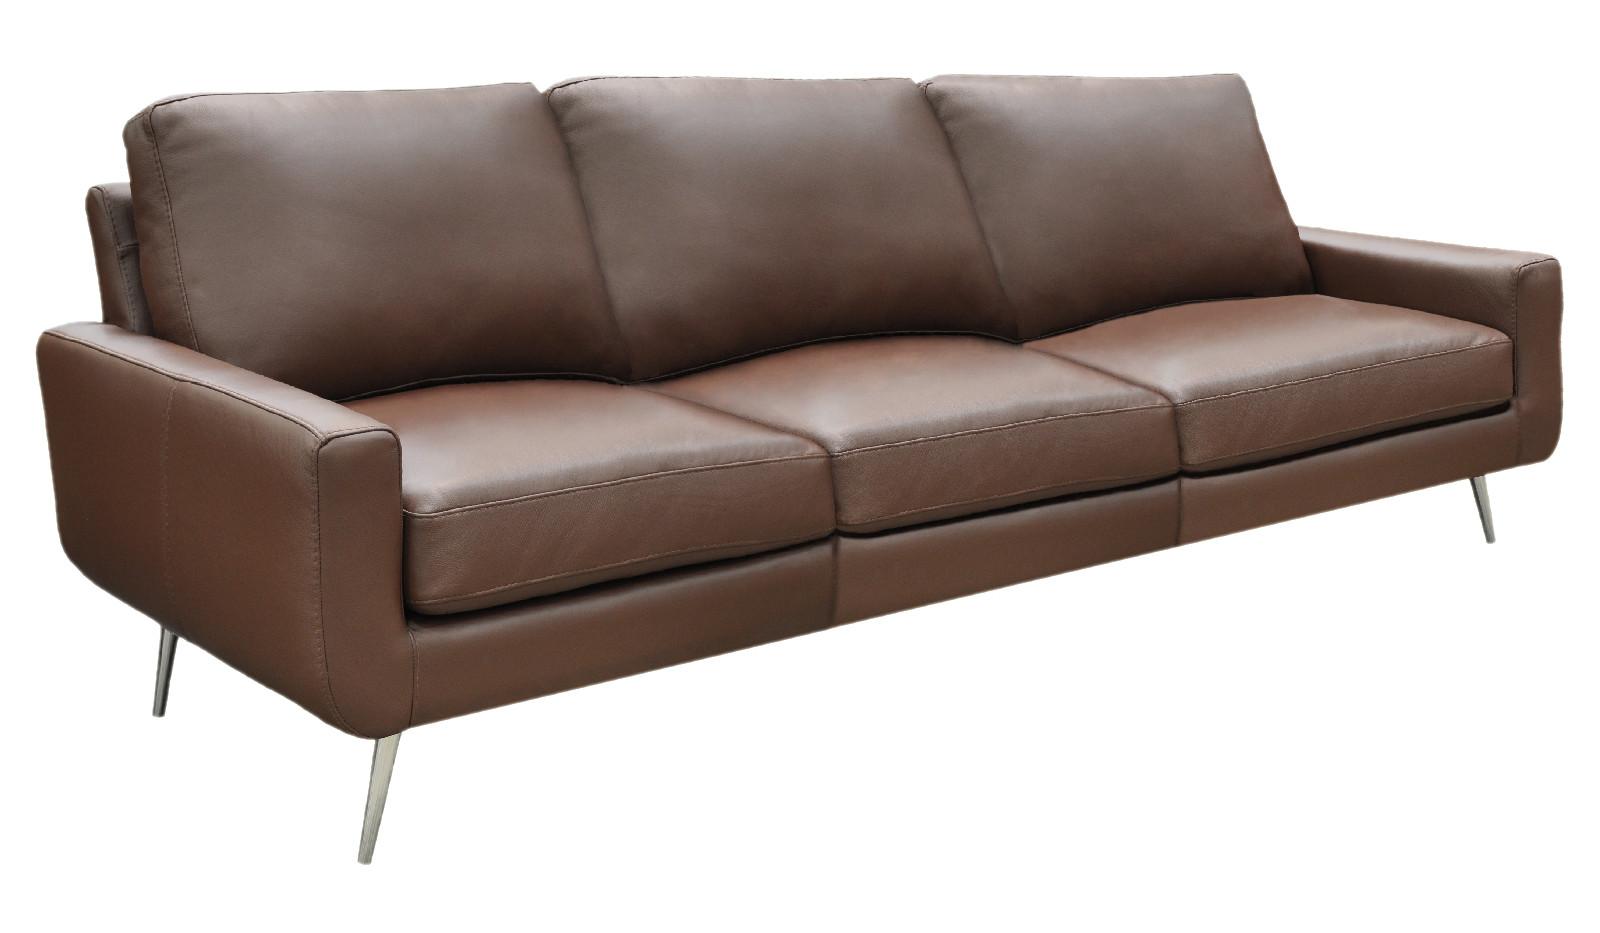 Harvey-Sofa-Softsations-Mocha-Angled-SL-